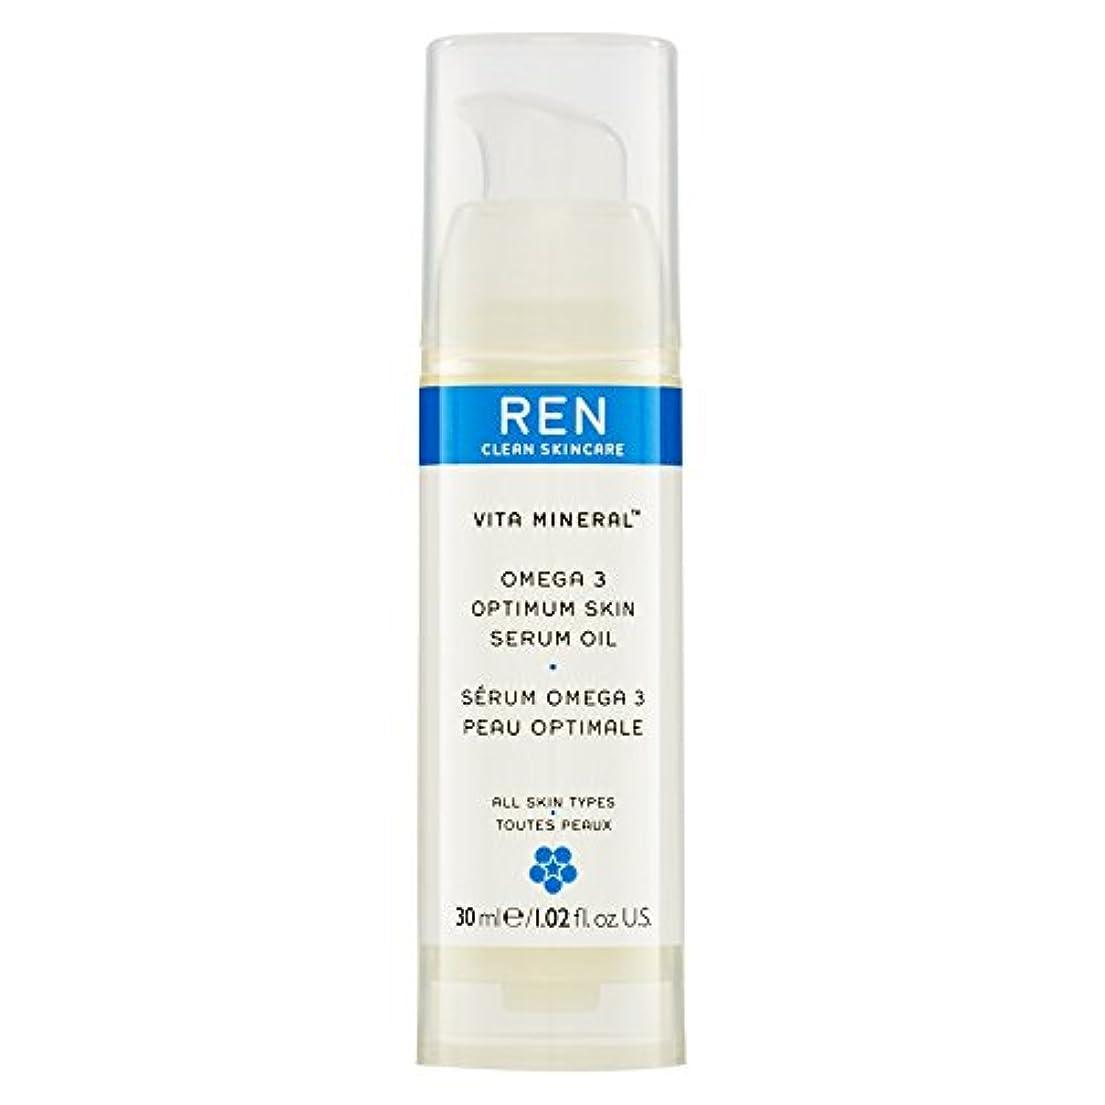 クスクス計画的ぜいたくRenヴィータミネラル?オメガ3の最適な肌の血清オイル30ミリリットル (REN) (x2) - REN Vita Mineral? Omega 3 Optimum Skin Serum Oil 30ml (Pack of 2) [並行輸入品]